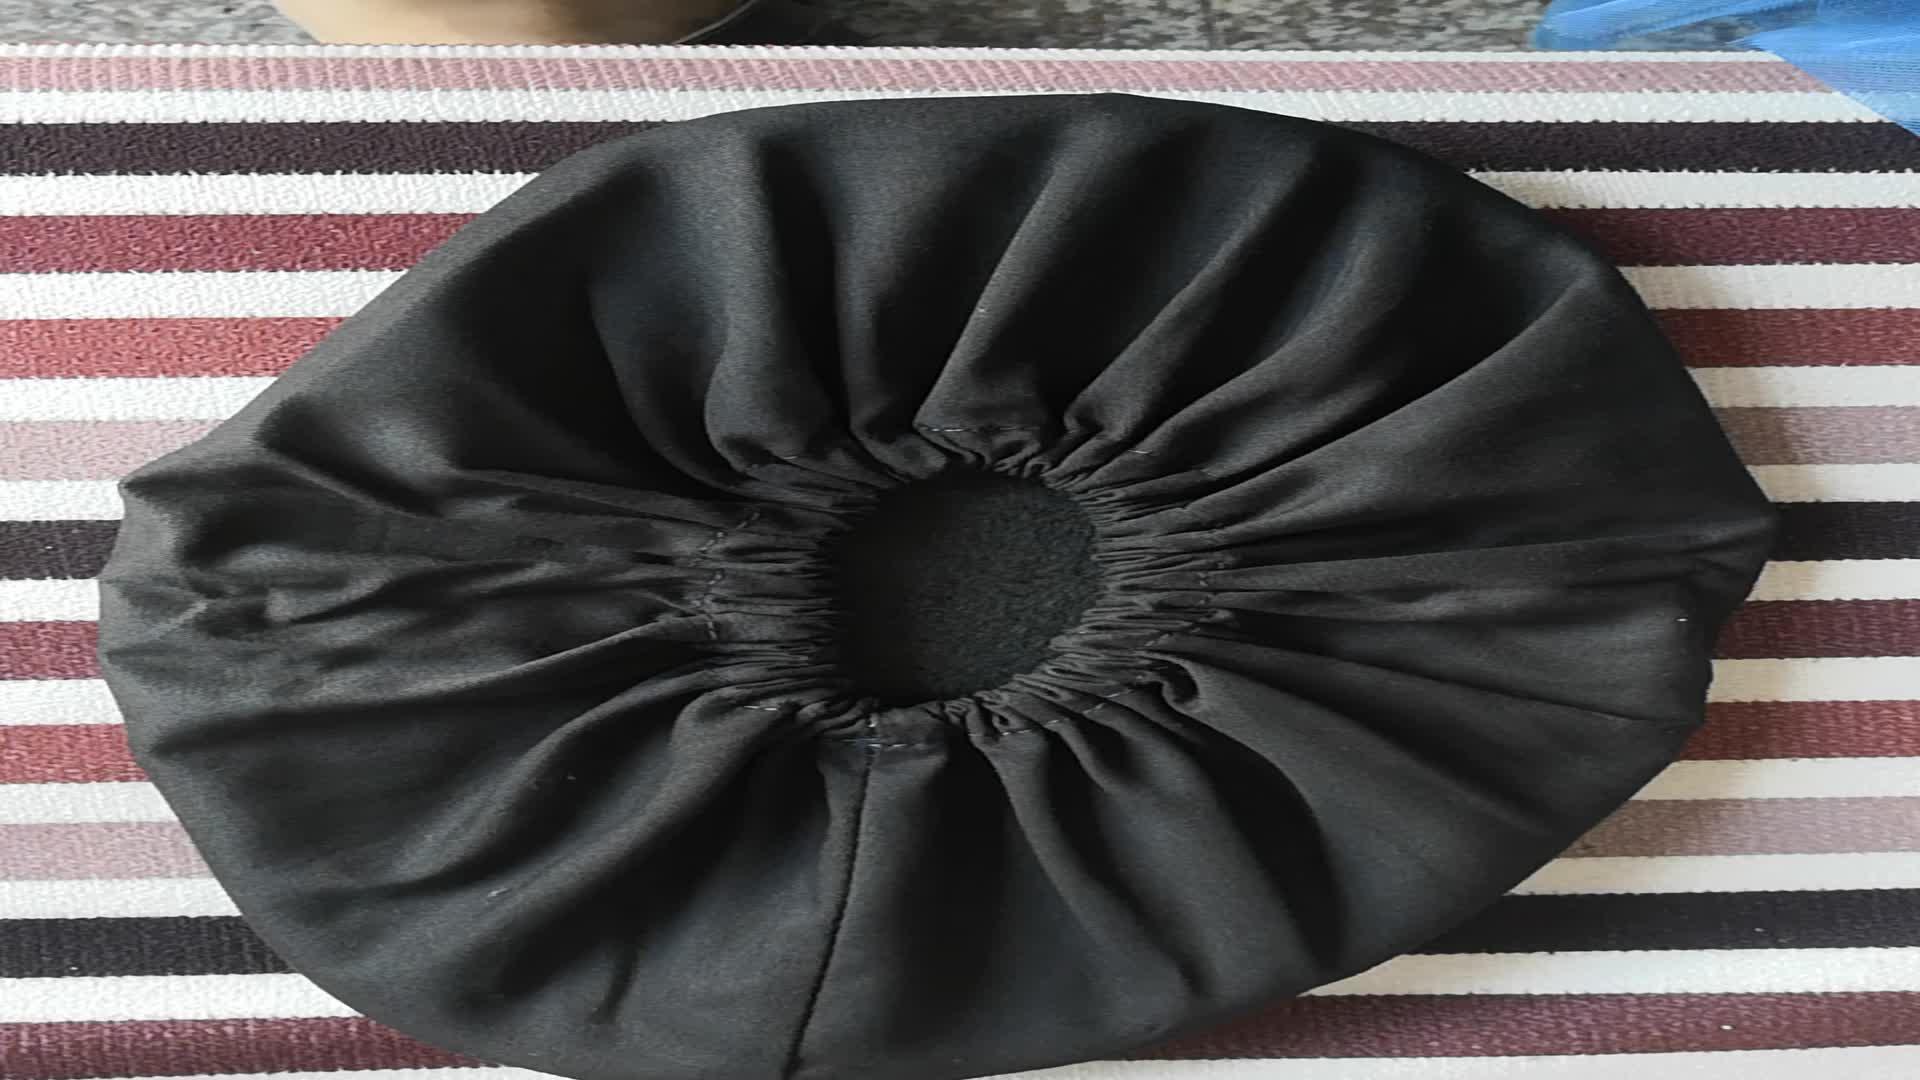 Noir Couleur Coton tissu anti-dérapant Réutilisable Botte Couvre-chaussures Pour Plus de Commodité pour Intérieur, entrepreneurs et Tapis de Protection De Sol